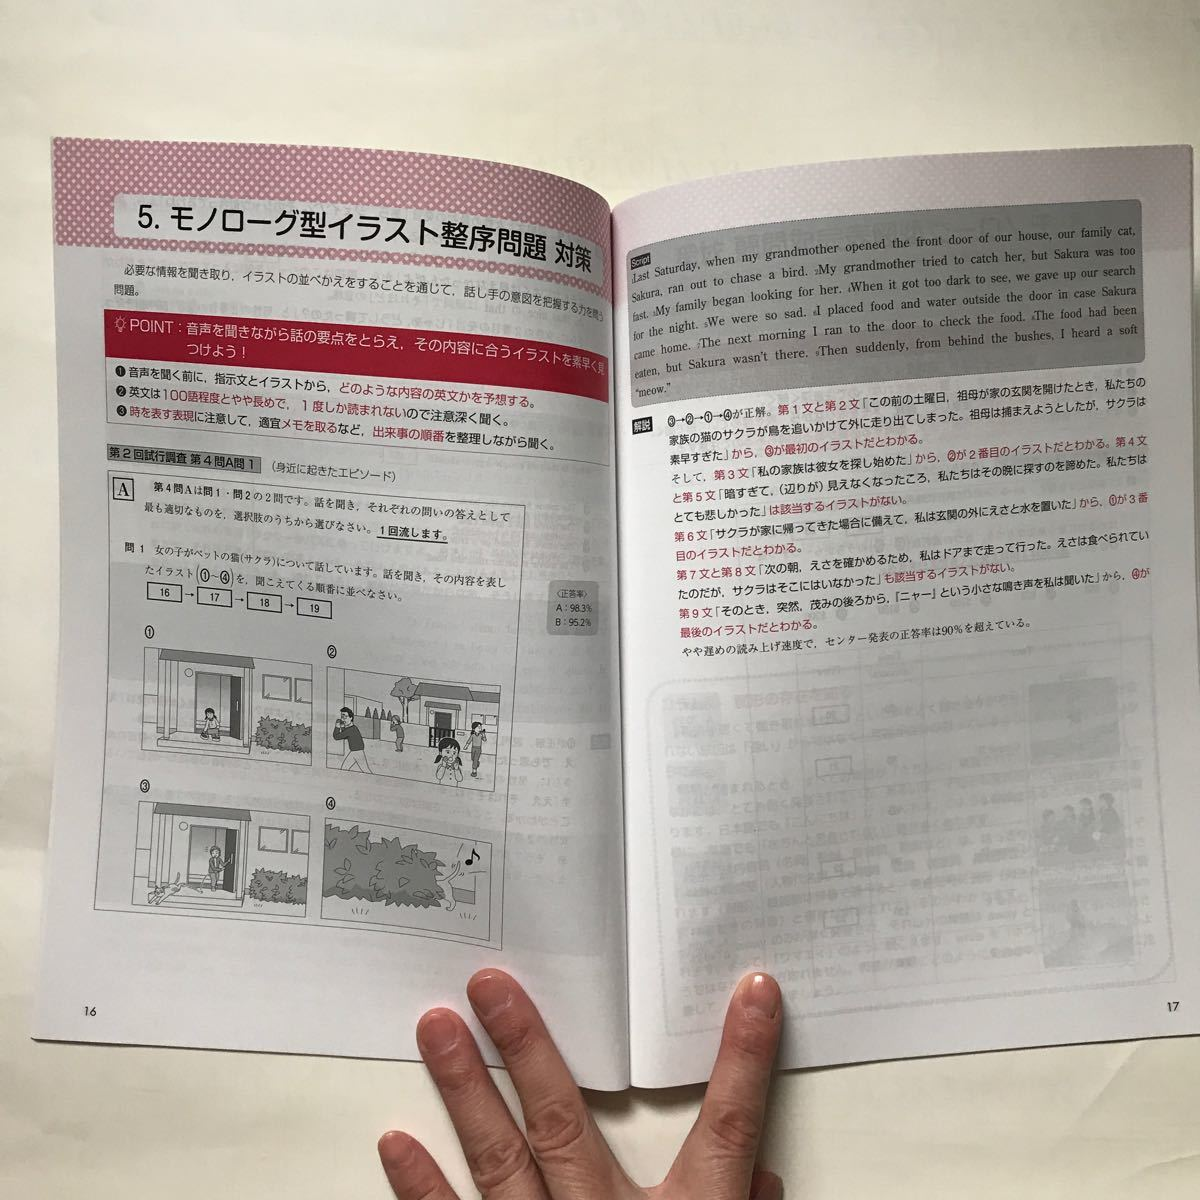 数研出版 大学 入学 共通テスト 対策 オリジナル 問題 リスニング プレノート CD 付き 英語 新品 入試 受験 国公立 難関